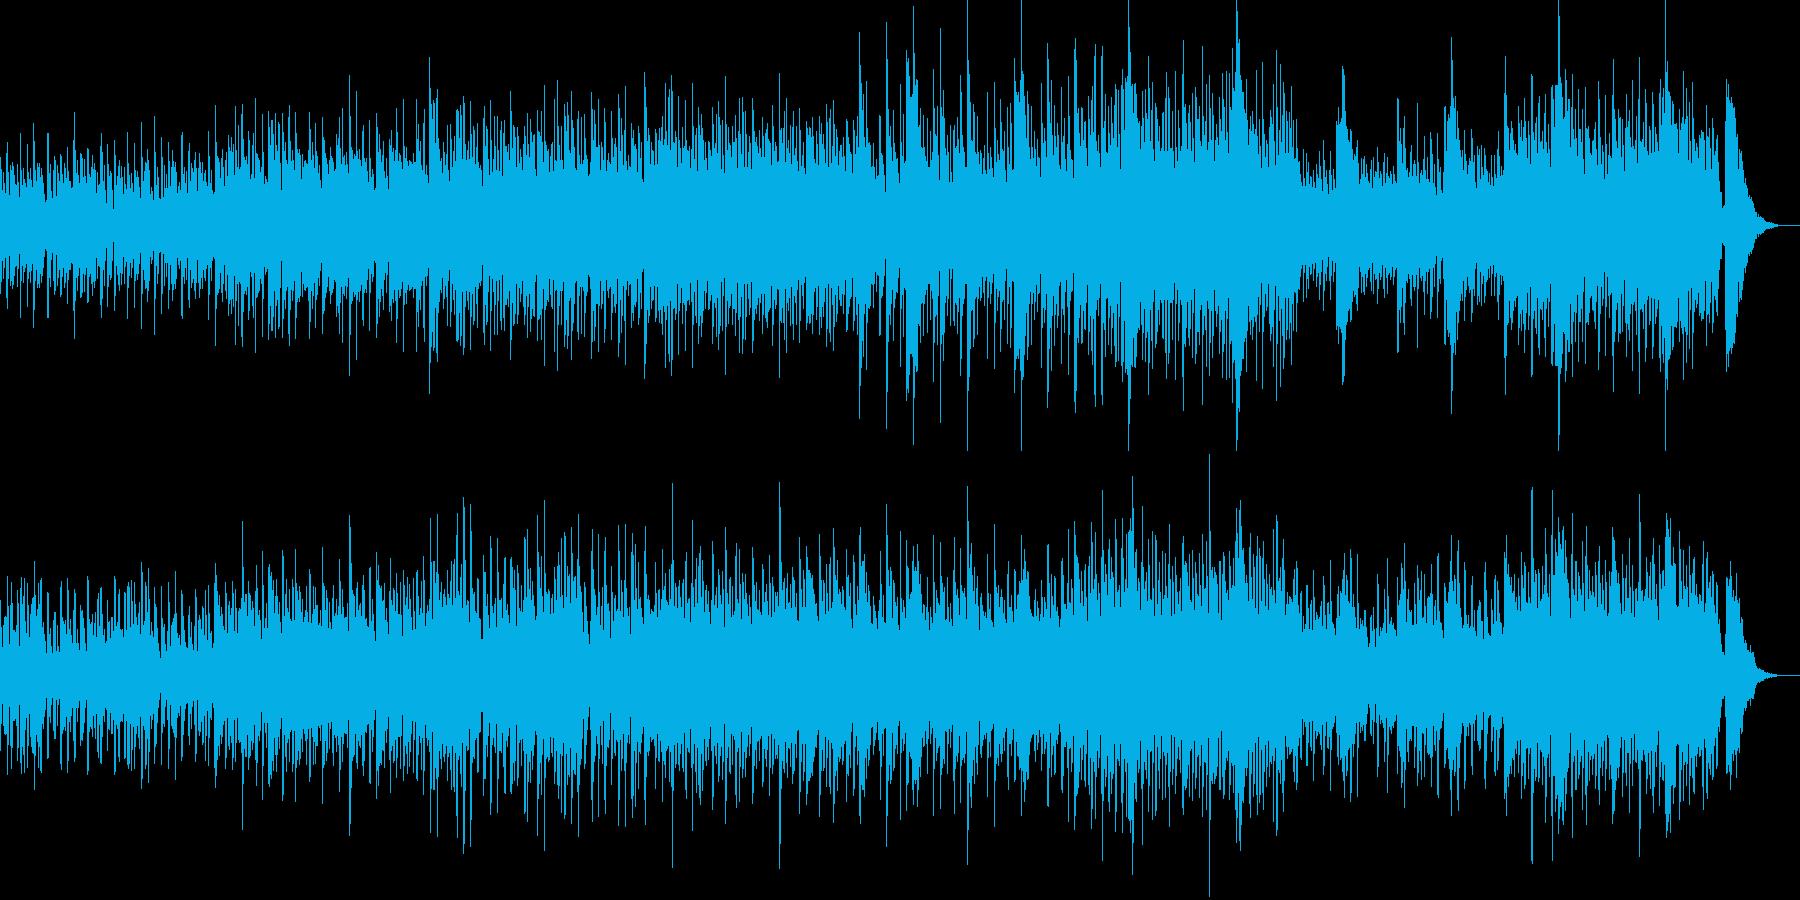 ティーン アンビエント 民謡 ほの...の再生済みの波形